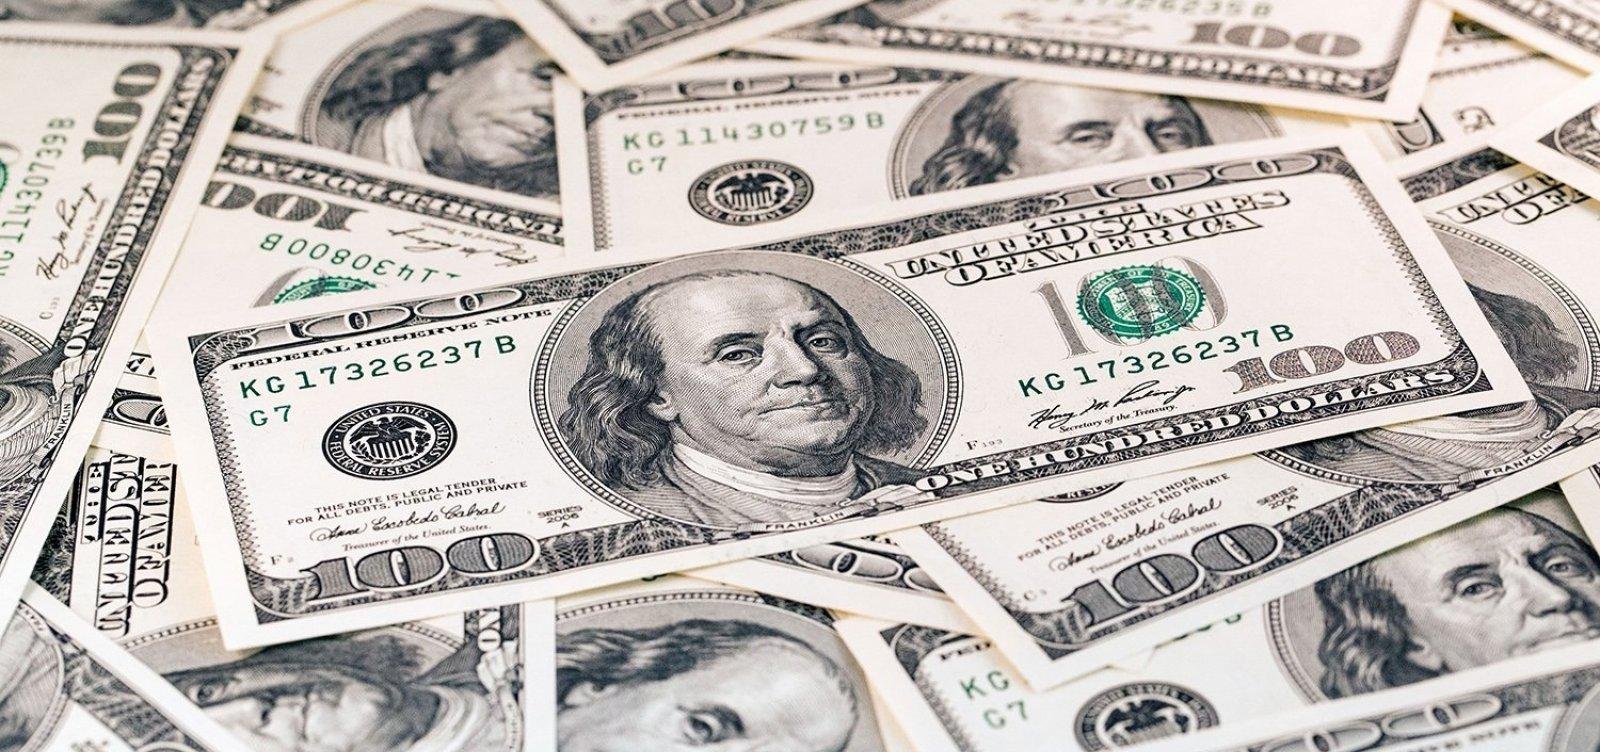 Dólar sobe nesta sexta e fecha o mẽs com alta de 5,46%